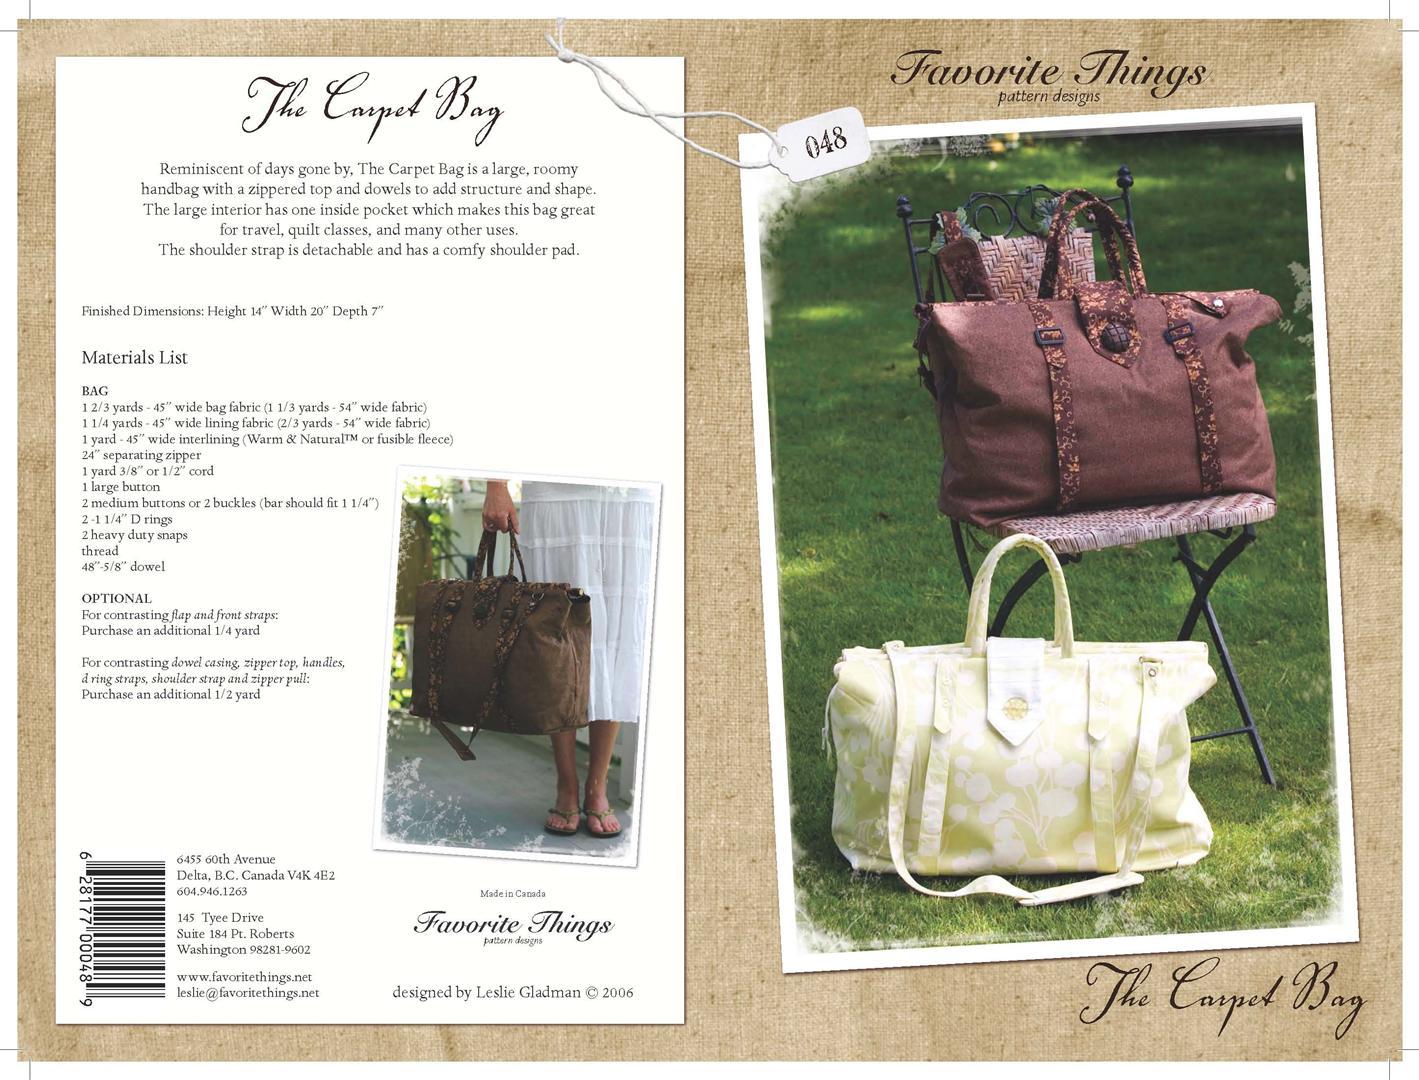 Favorite Things A Carpet Bag 048